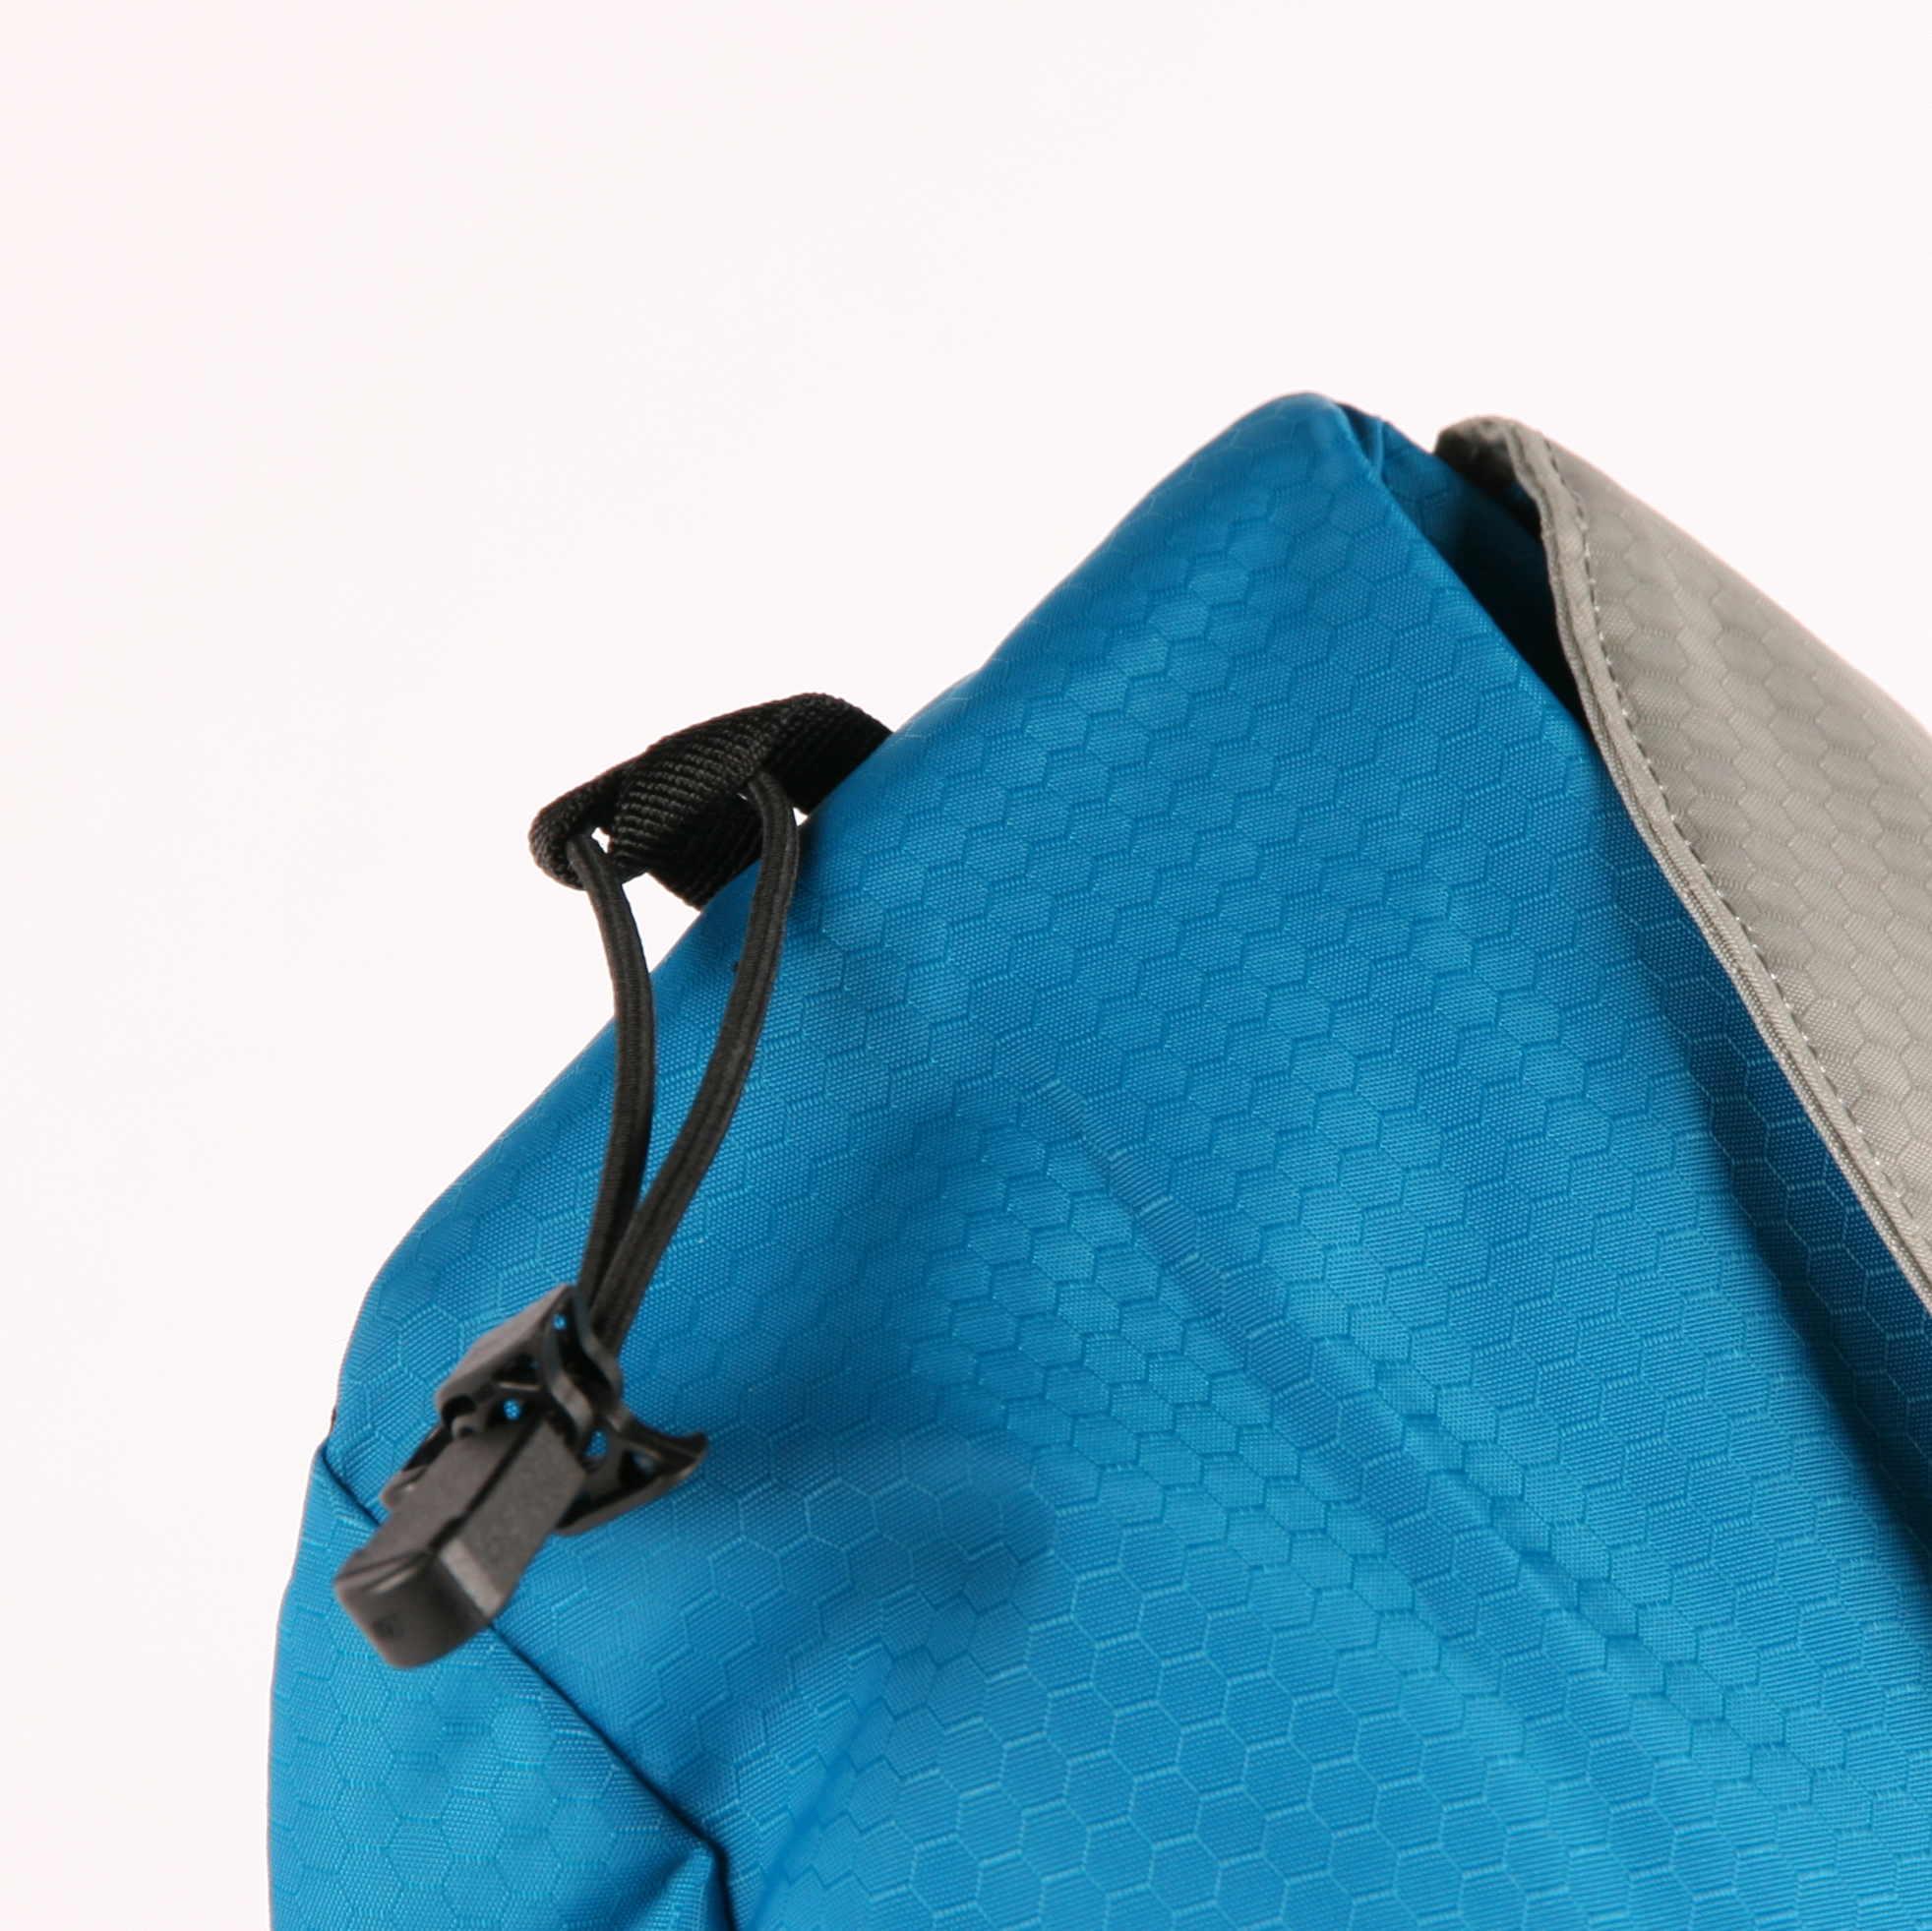 X-Over schuine rugzak sportsline summersports lus boven